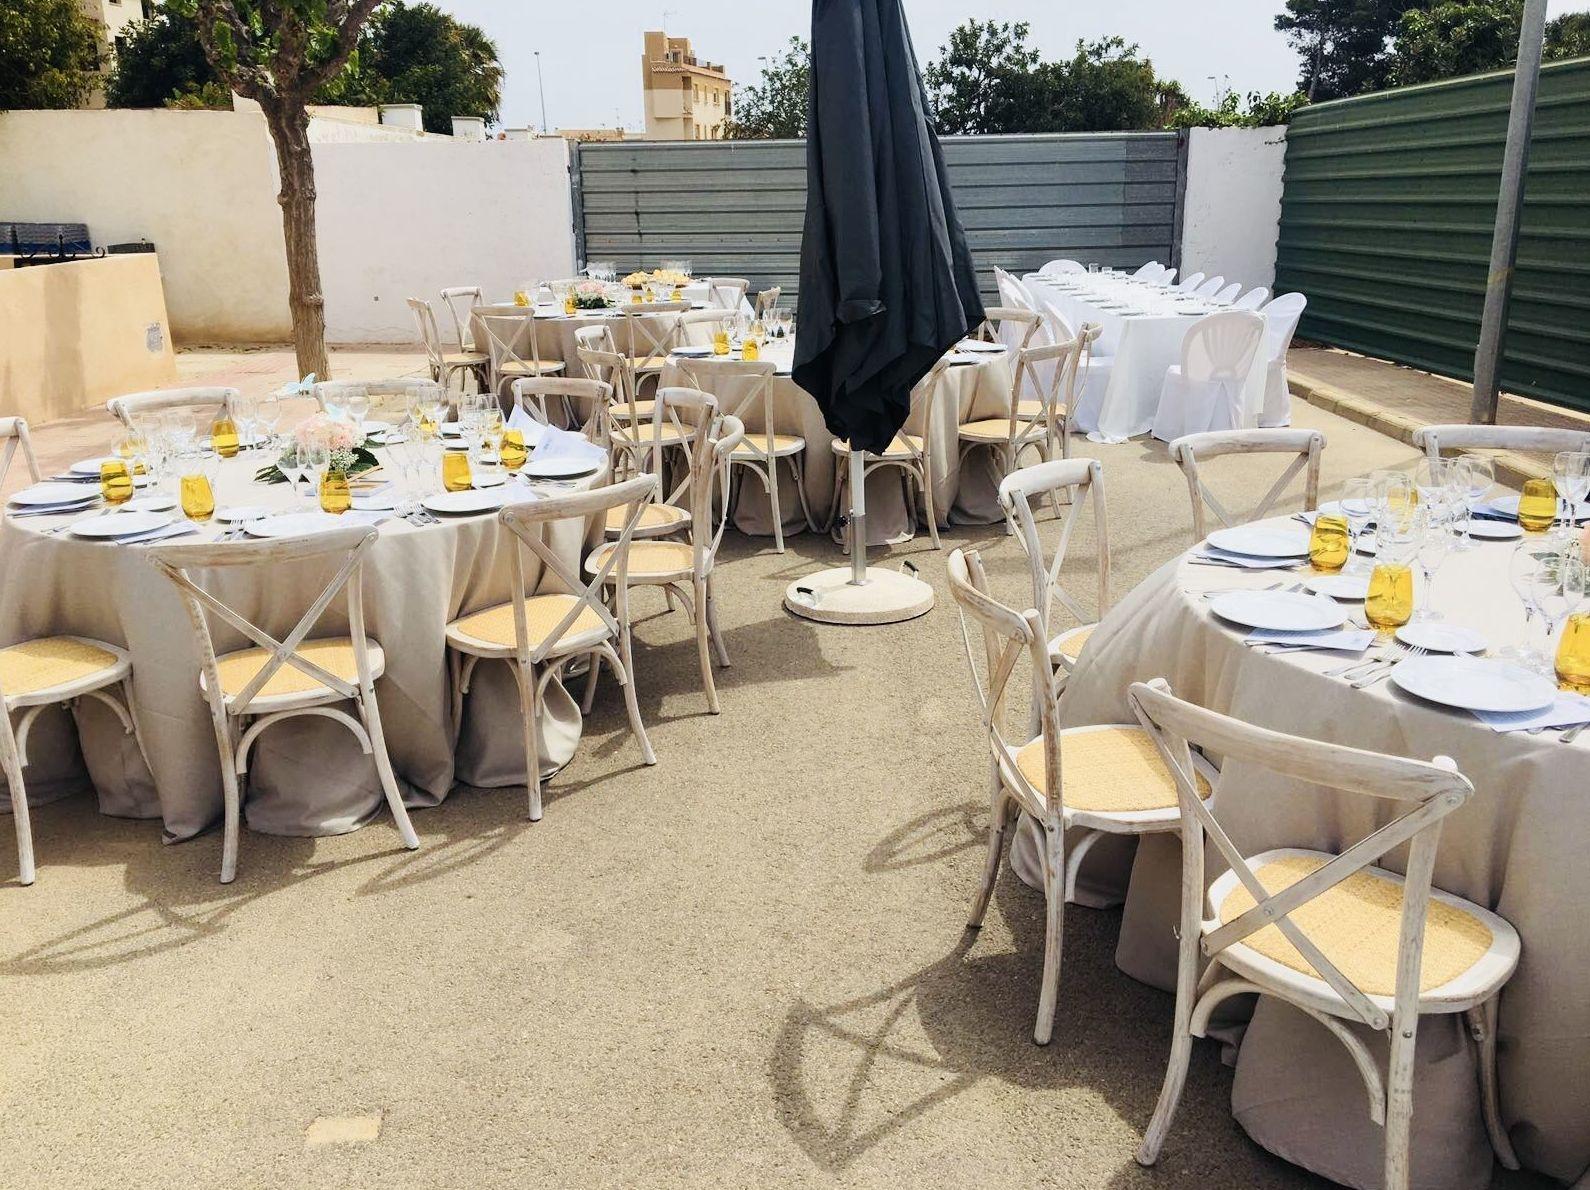 Foto 6 de Alquiler de sillas, mesas y menaje en El Palmar | Mantelería & Menaje